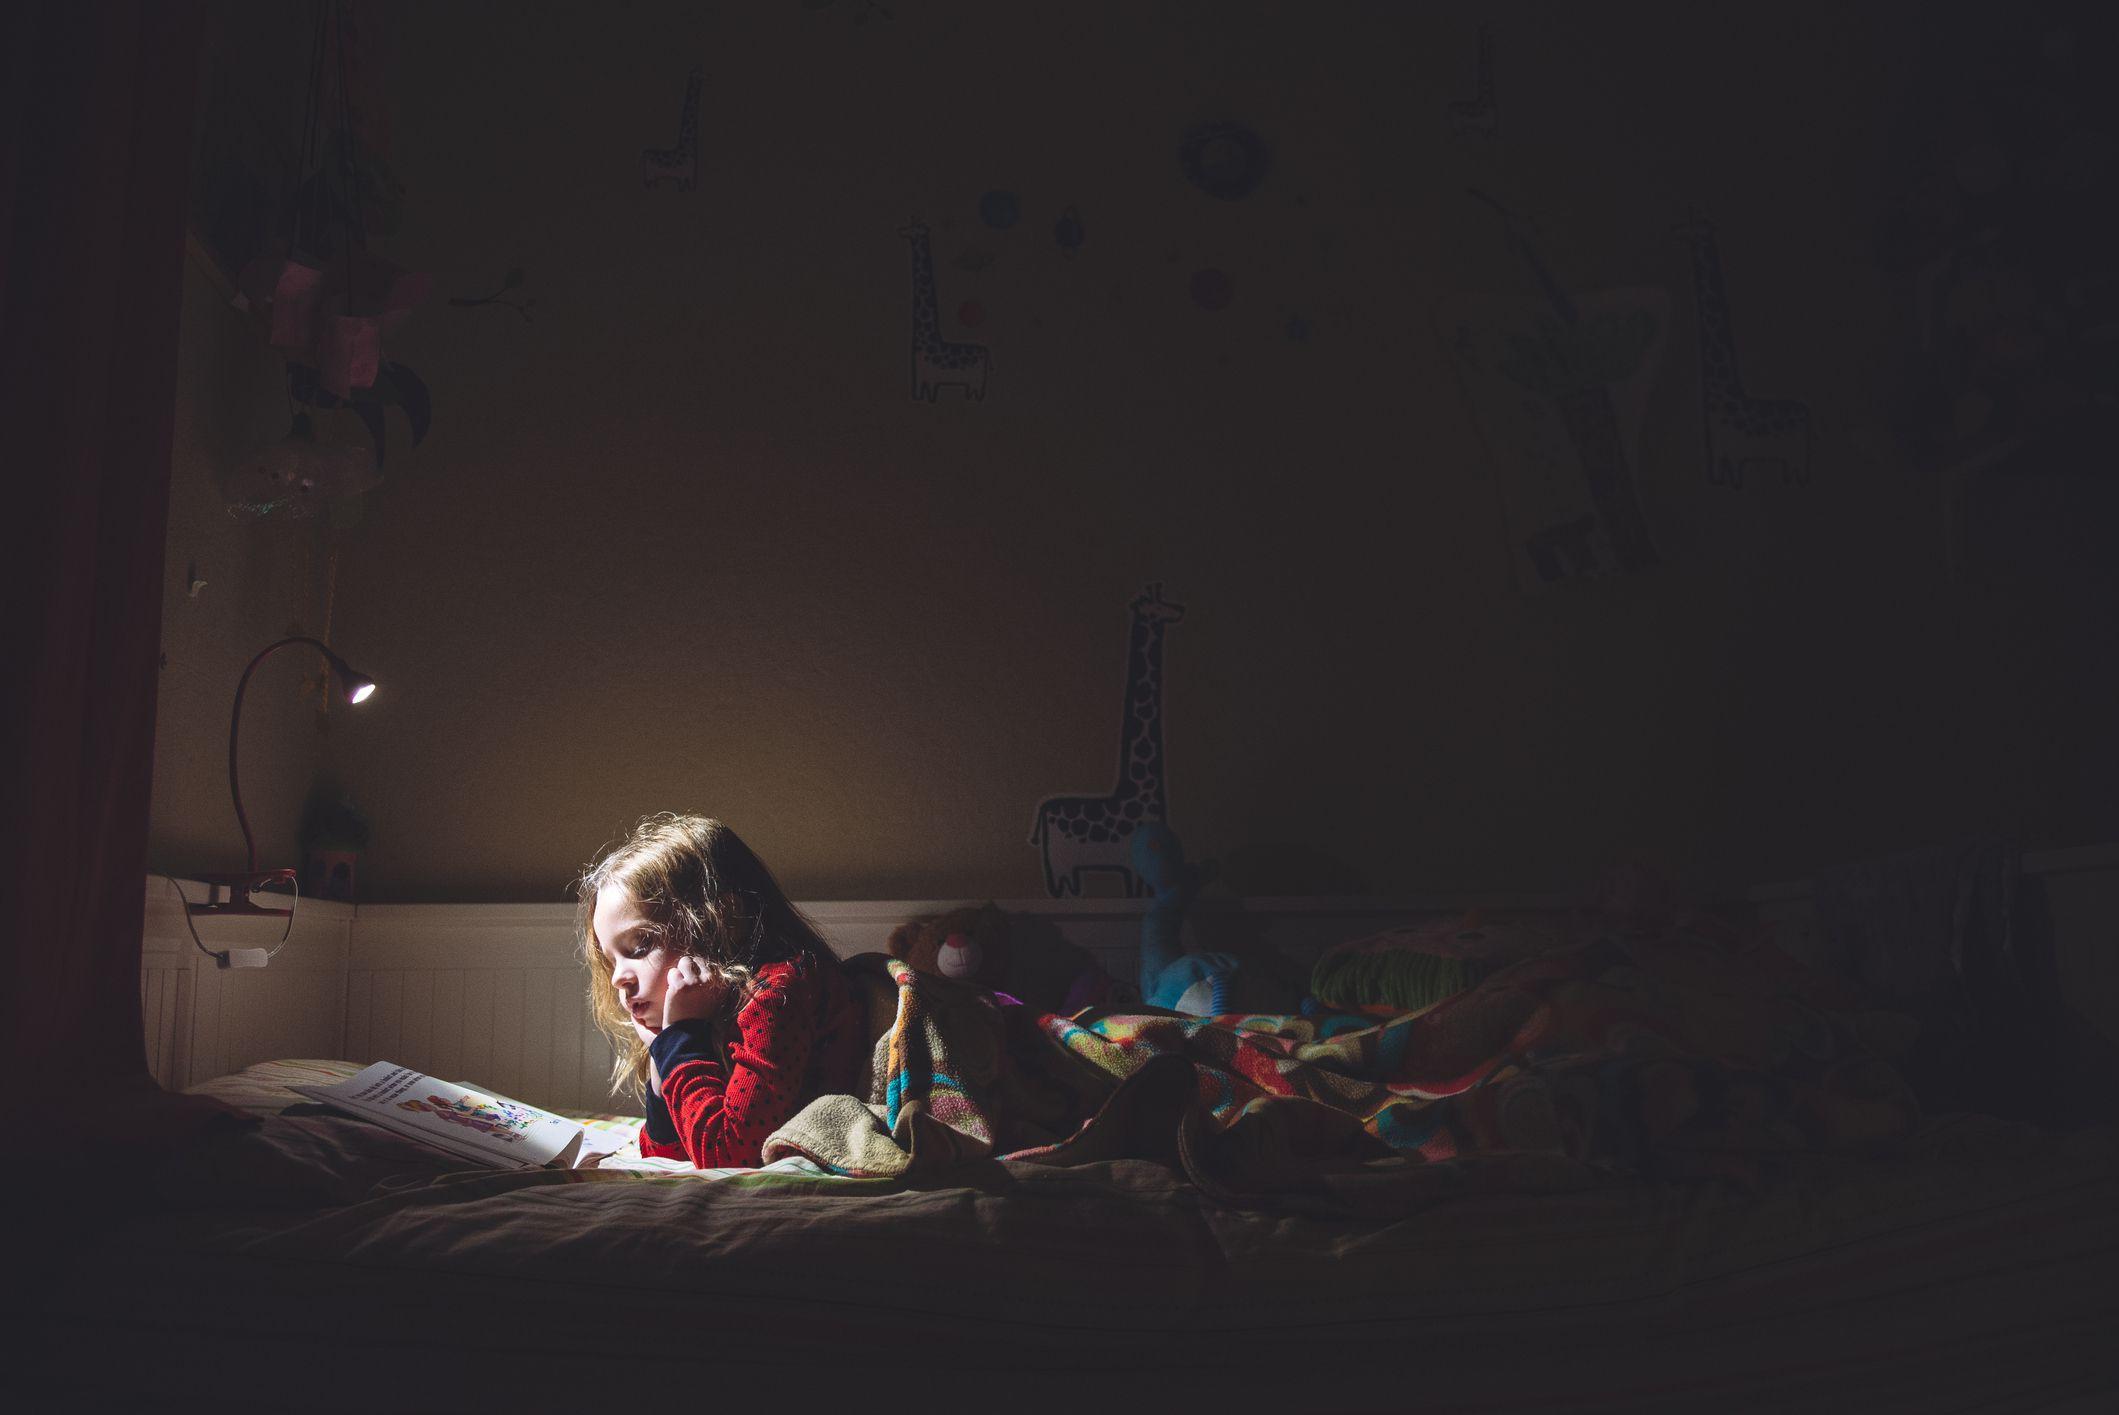 Reading LED light